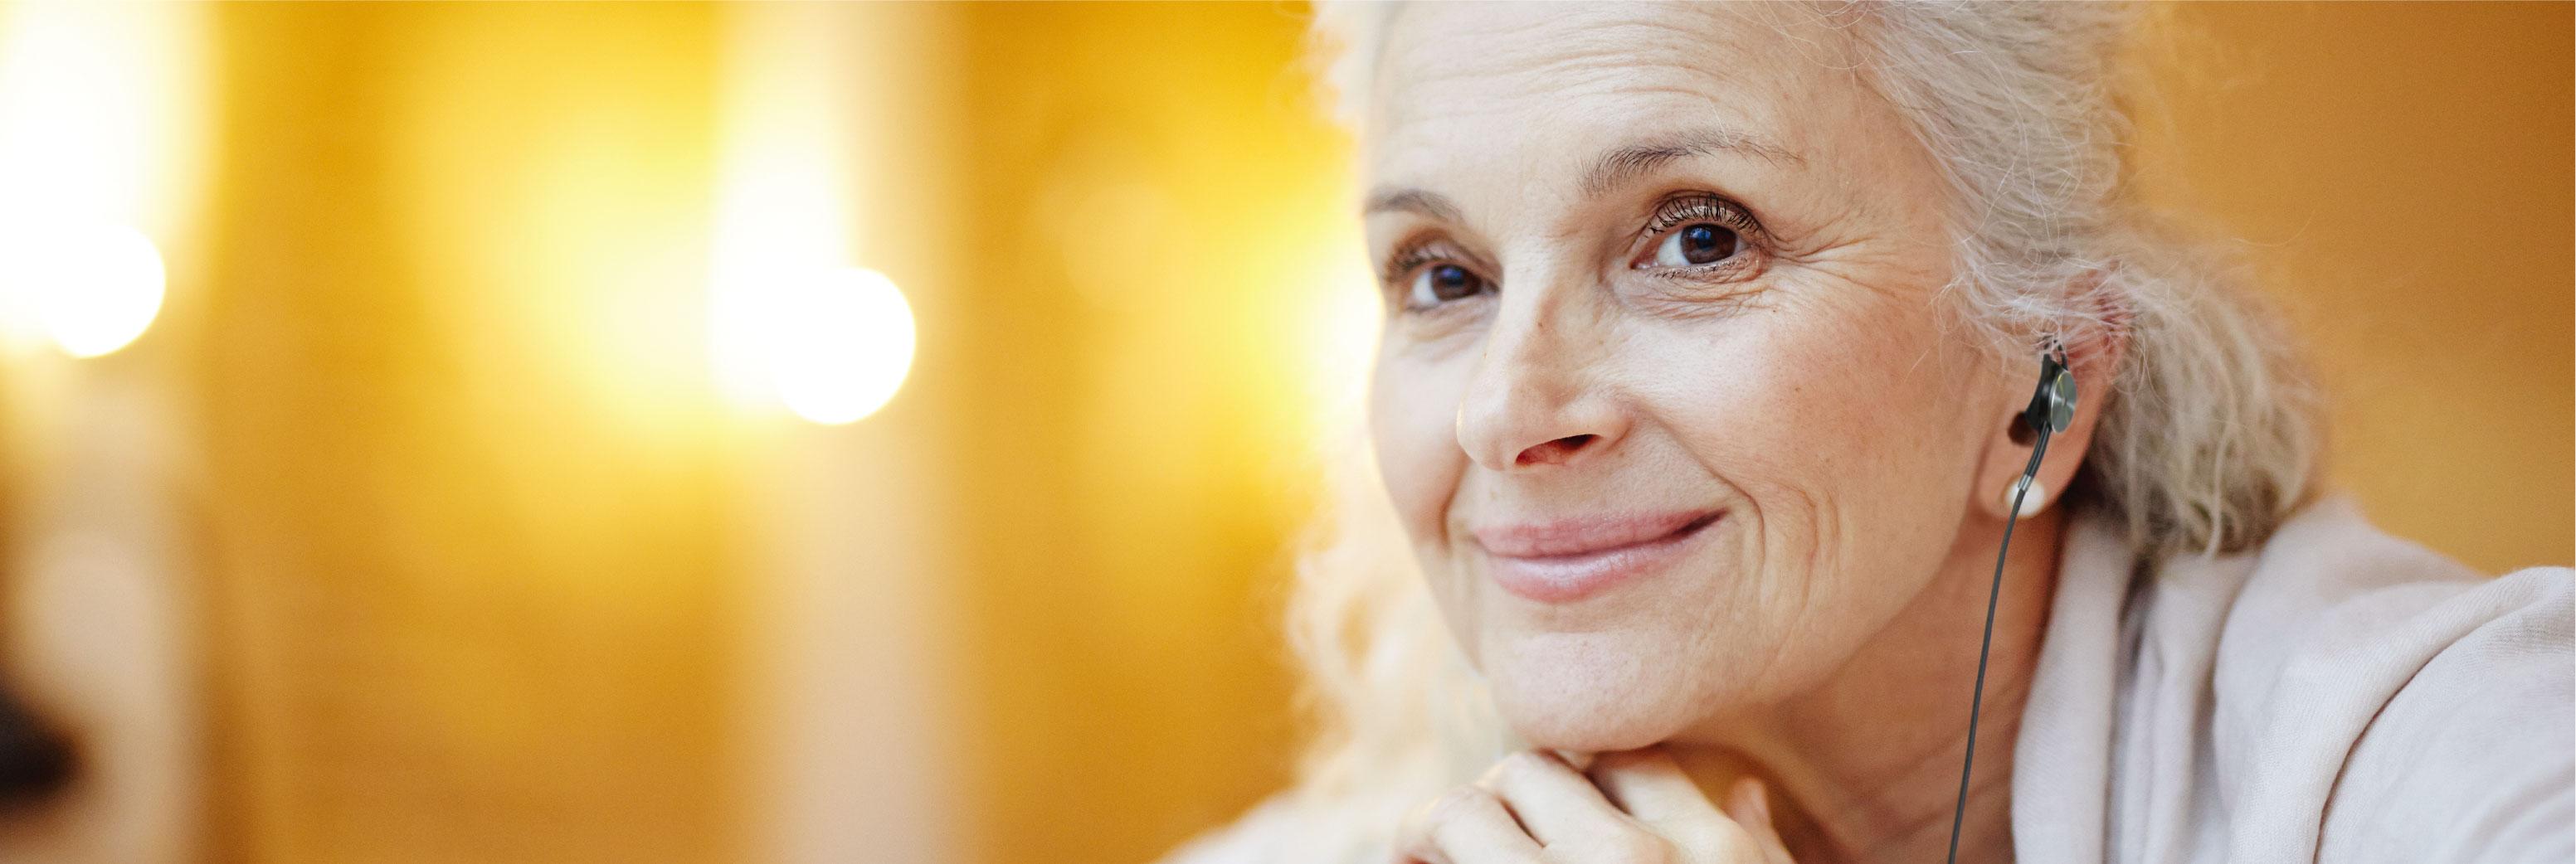 2002_WearHear_Slide_SeniorWoman